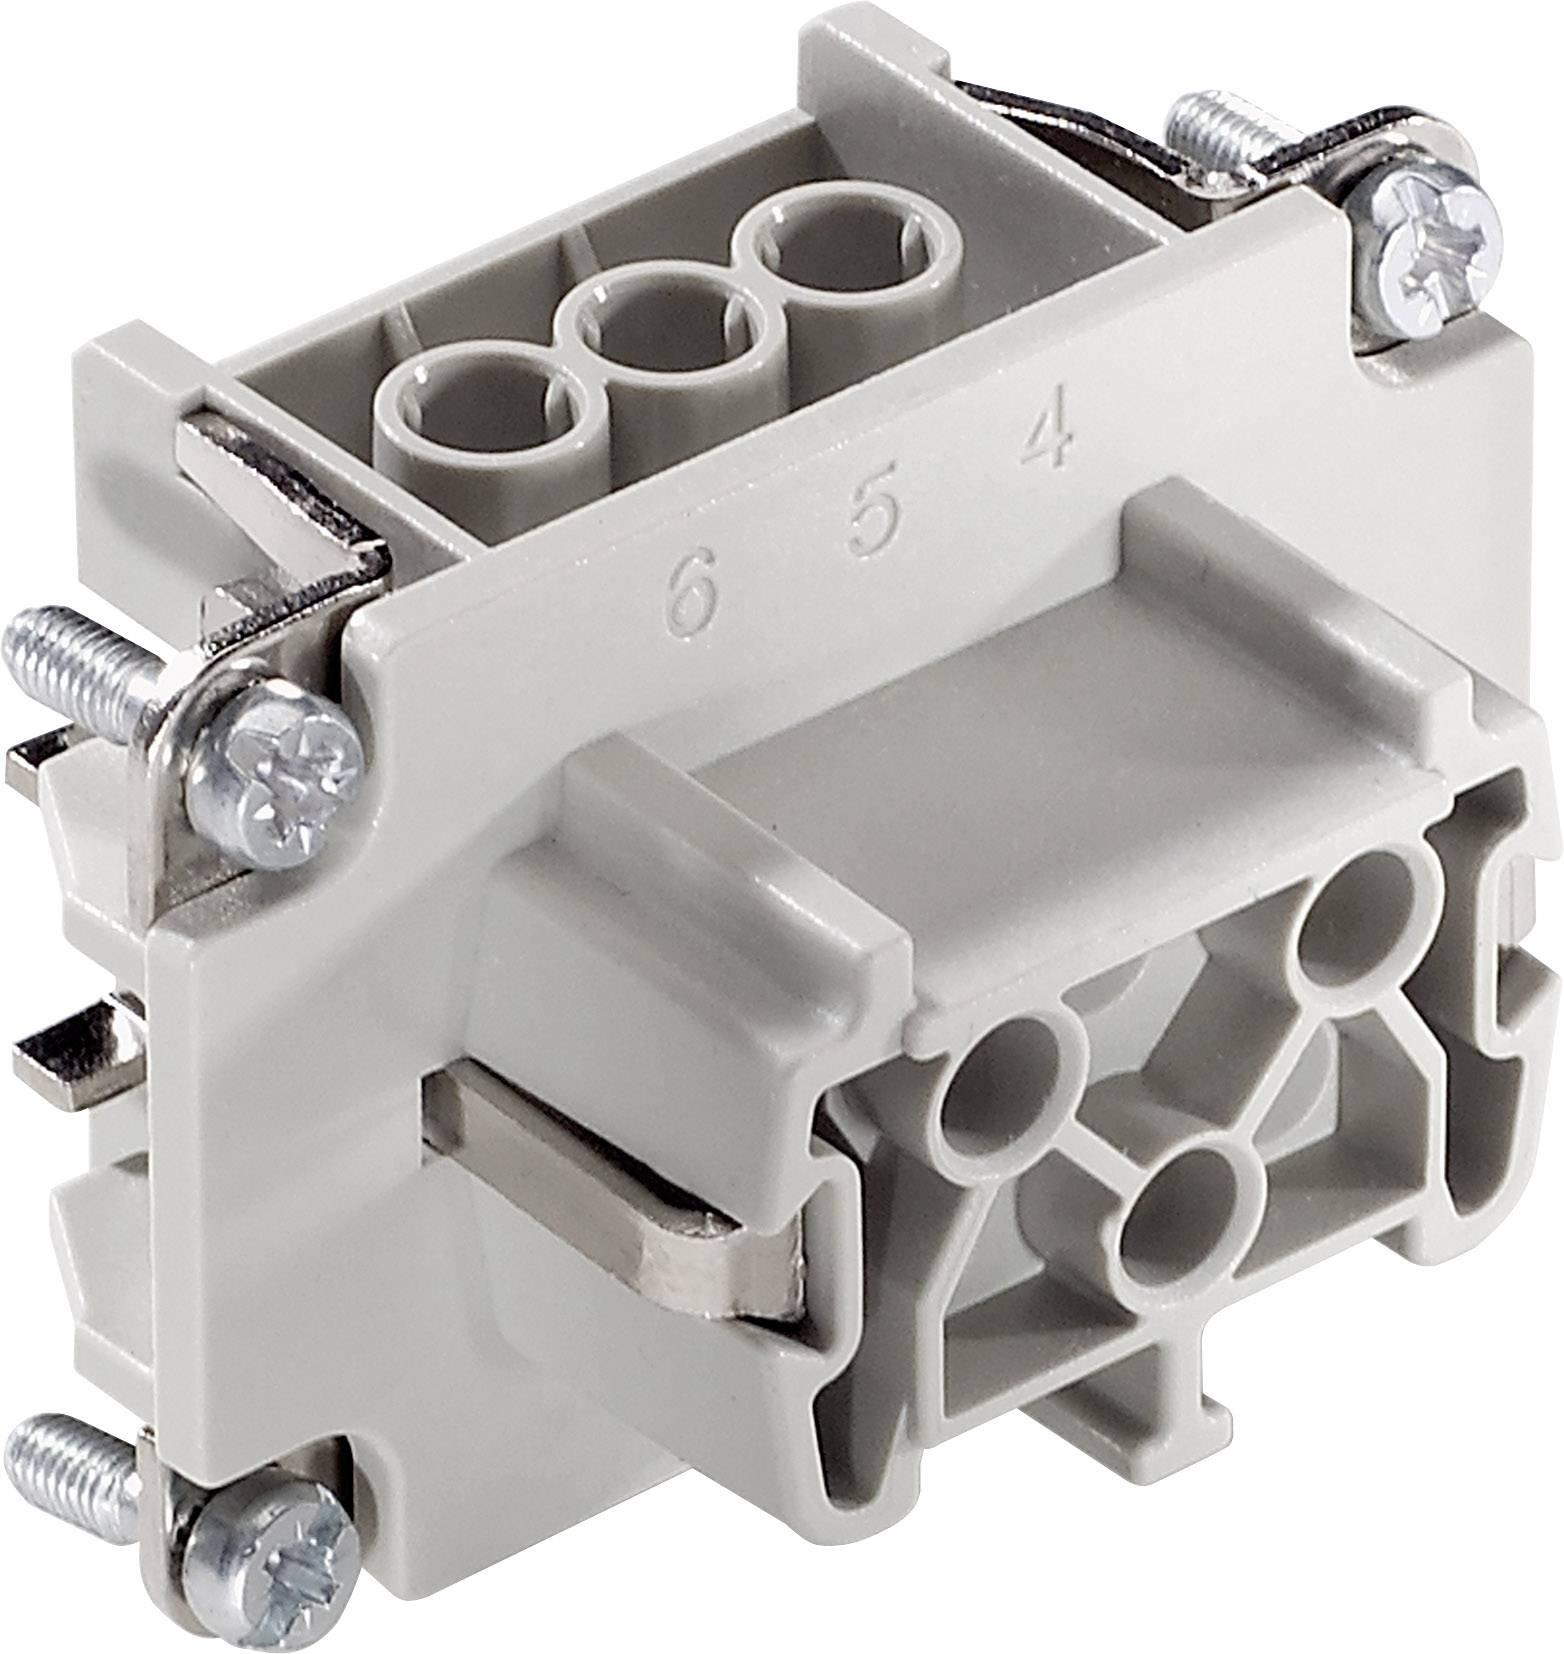 Sada konektorové zásuvky EPIC® H-B 6 10191000 LappKabel počet kontaktů 6 + PE 1 ks